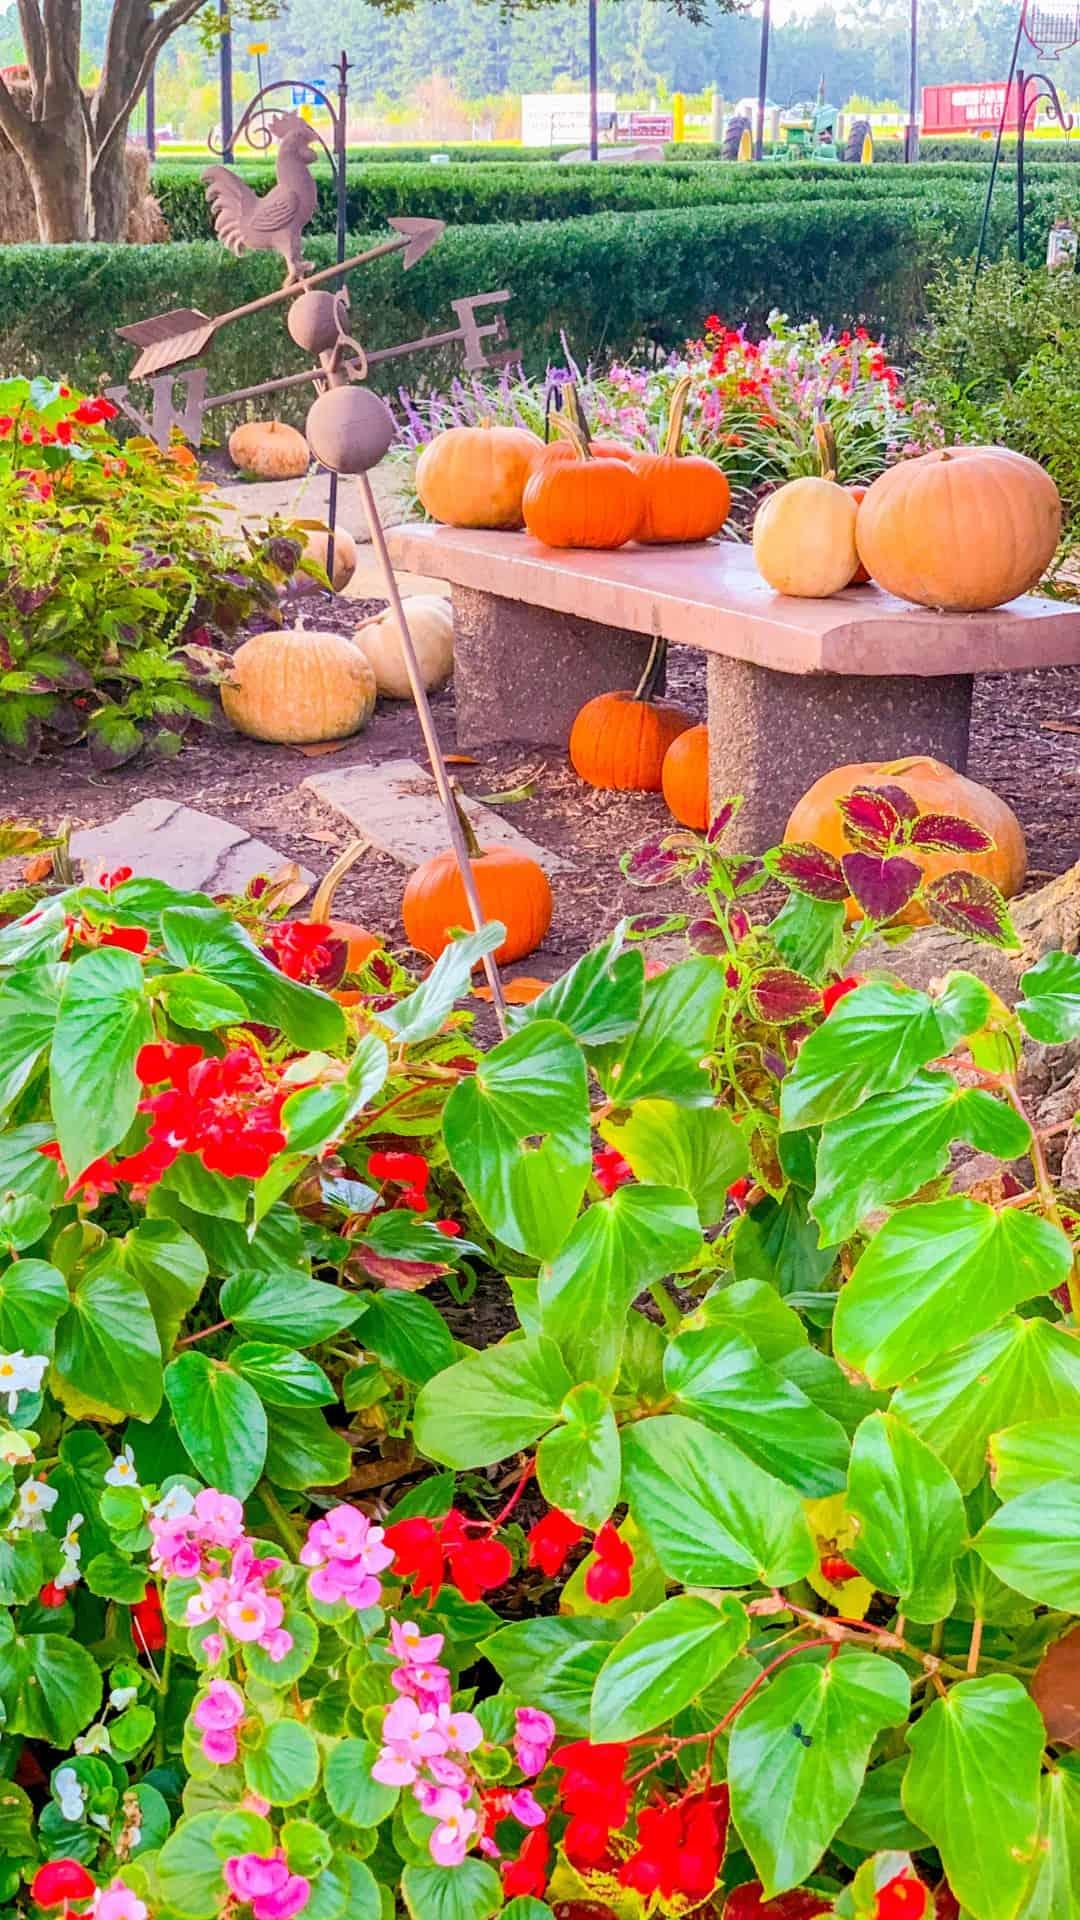 Fall Wallpaper iPhone Pumpkin Patch & Flower Garden Aesthetic